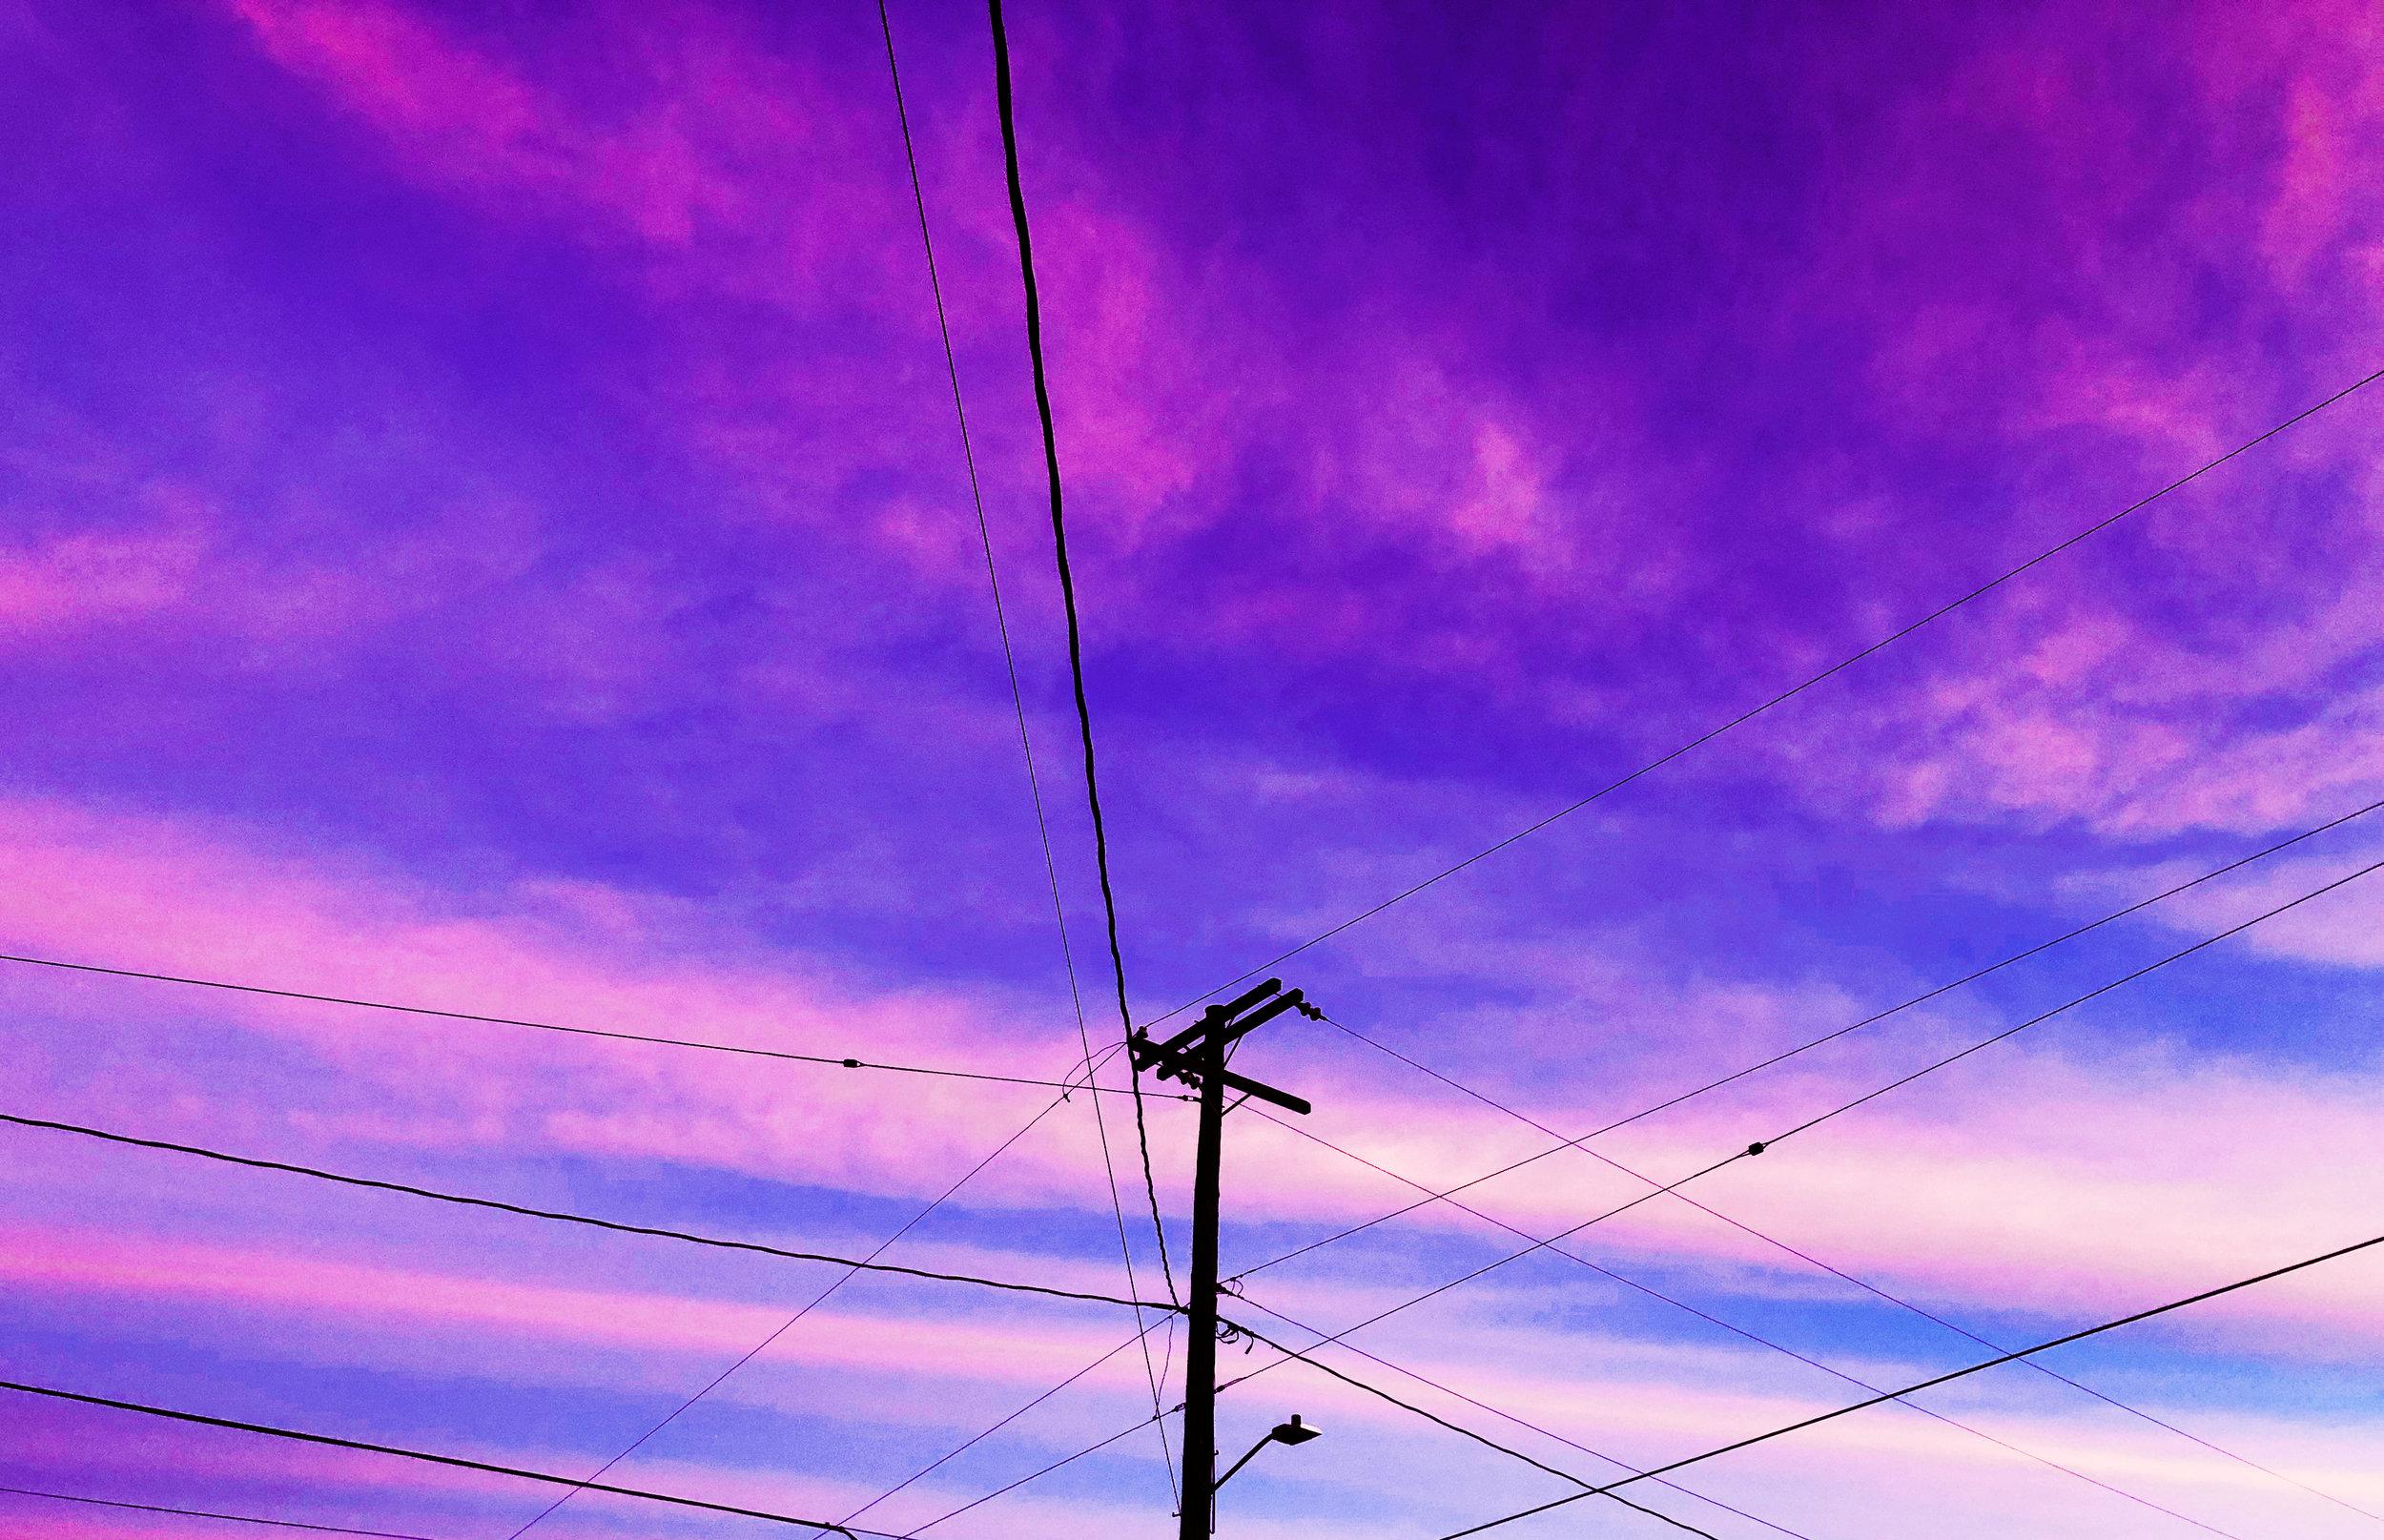 Sunset in Portland - Nathaniel Barber blog